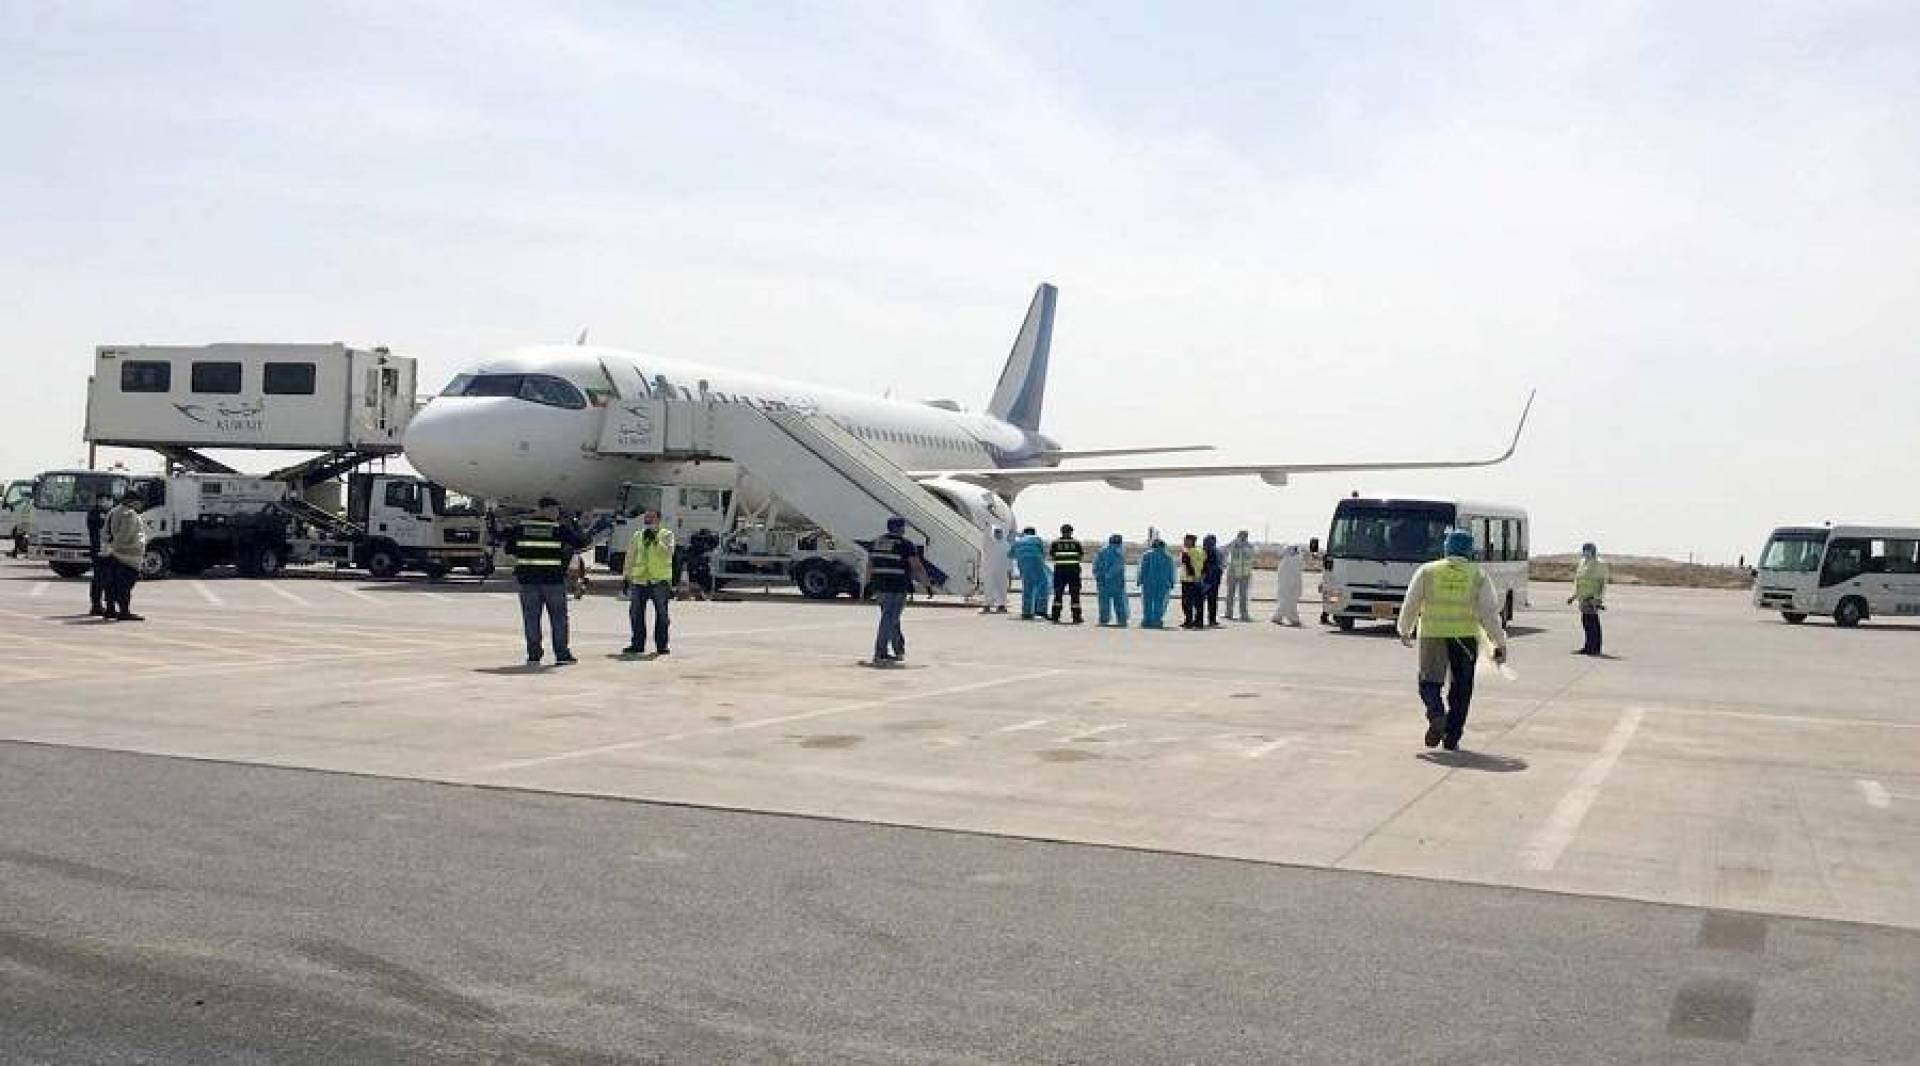 مصادر لـ «القبس»: الاشتباه في إصابة 23 مواطناً قادماً من مصر بفيروس كورونا